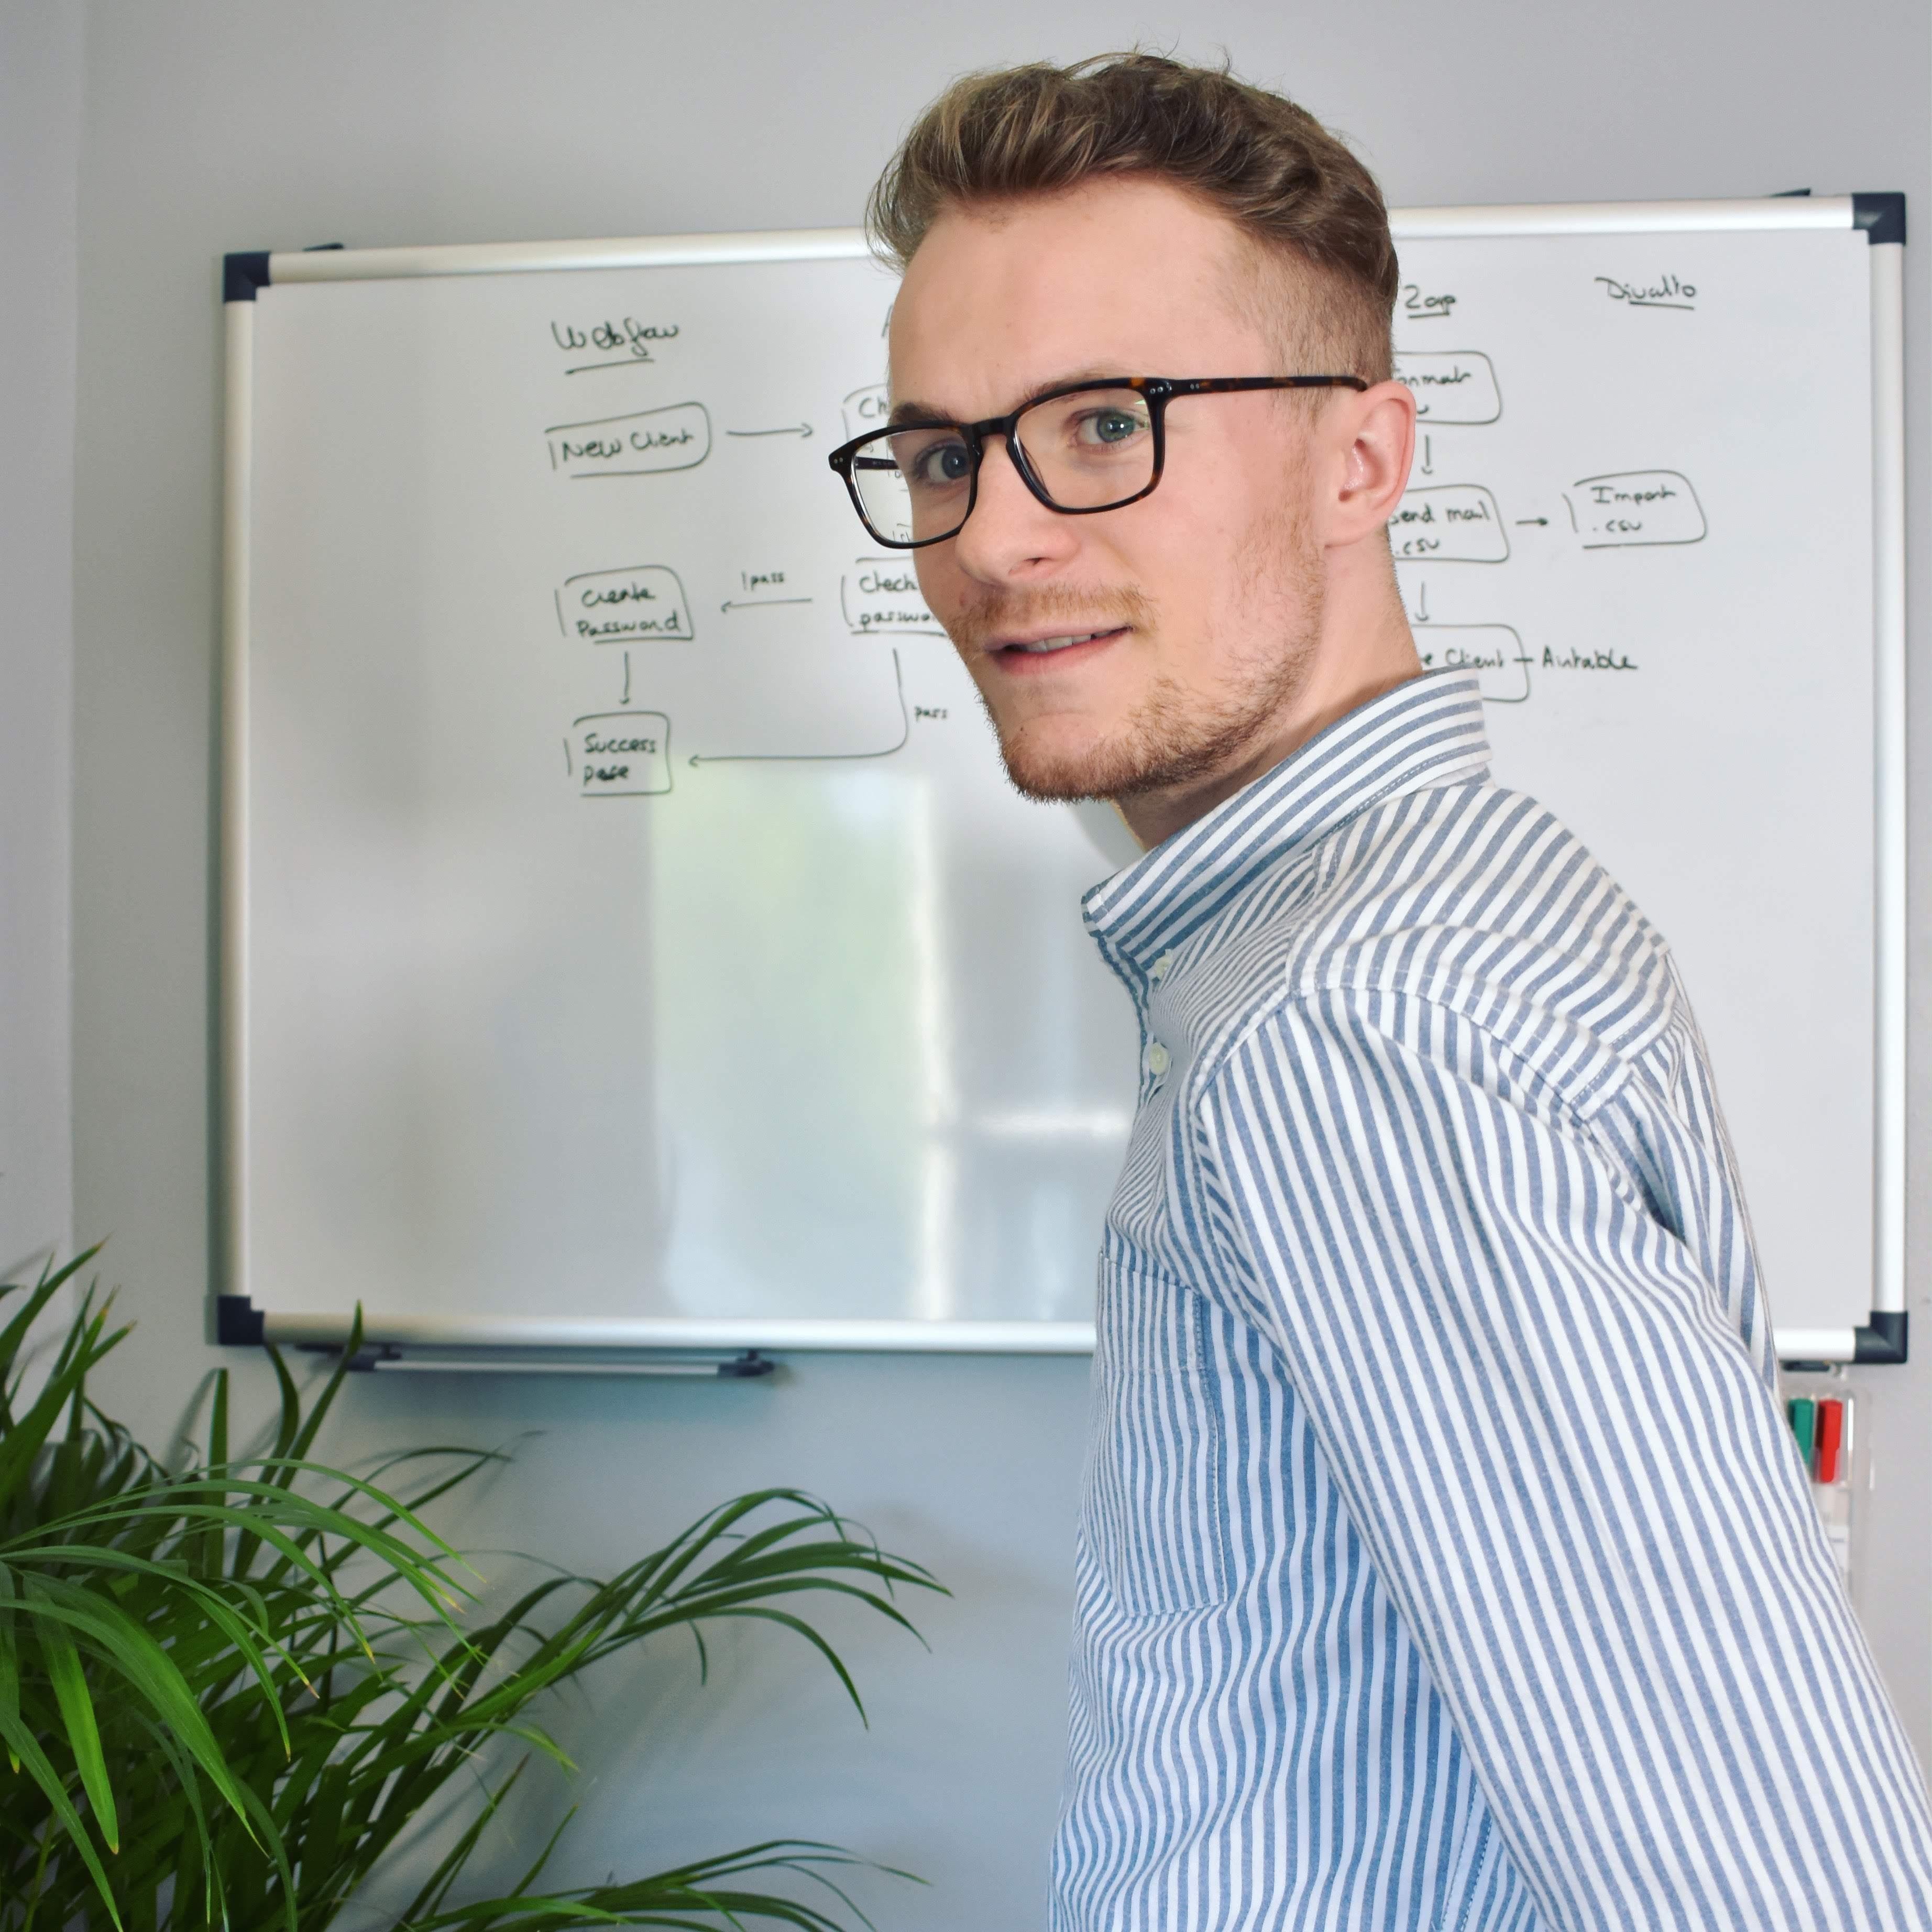 Développeur web freelance, création site web, Robin Desarcy